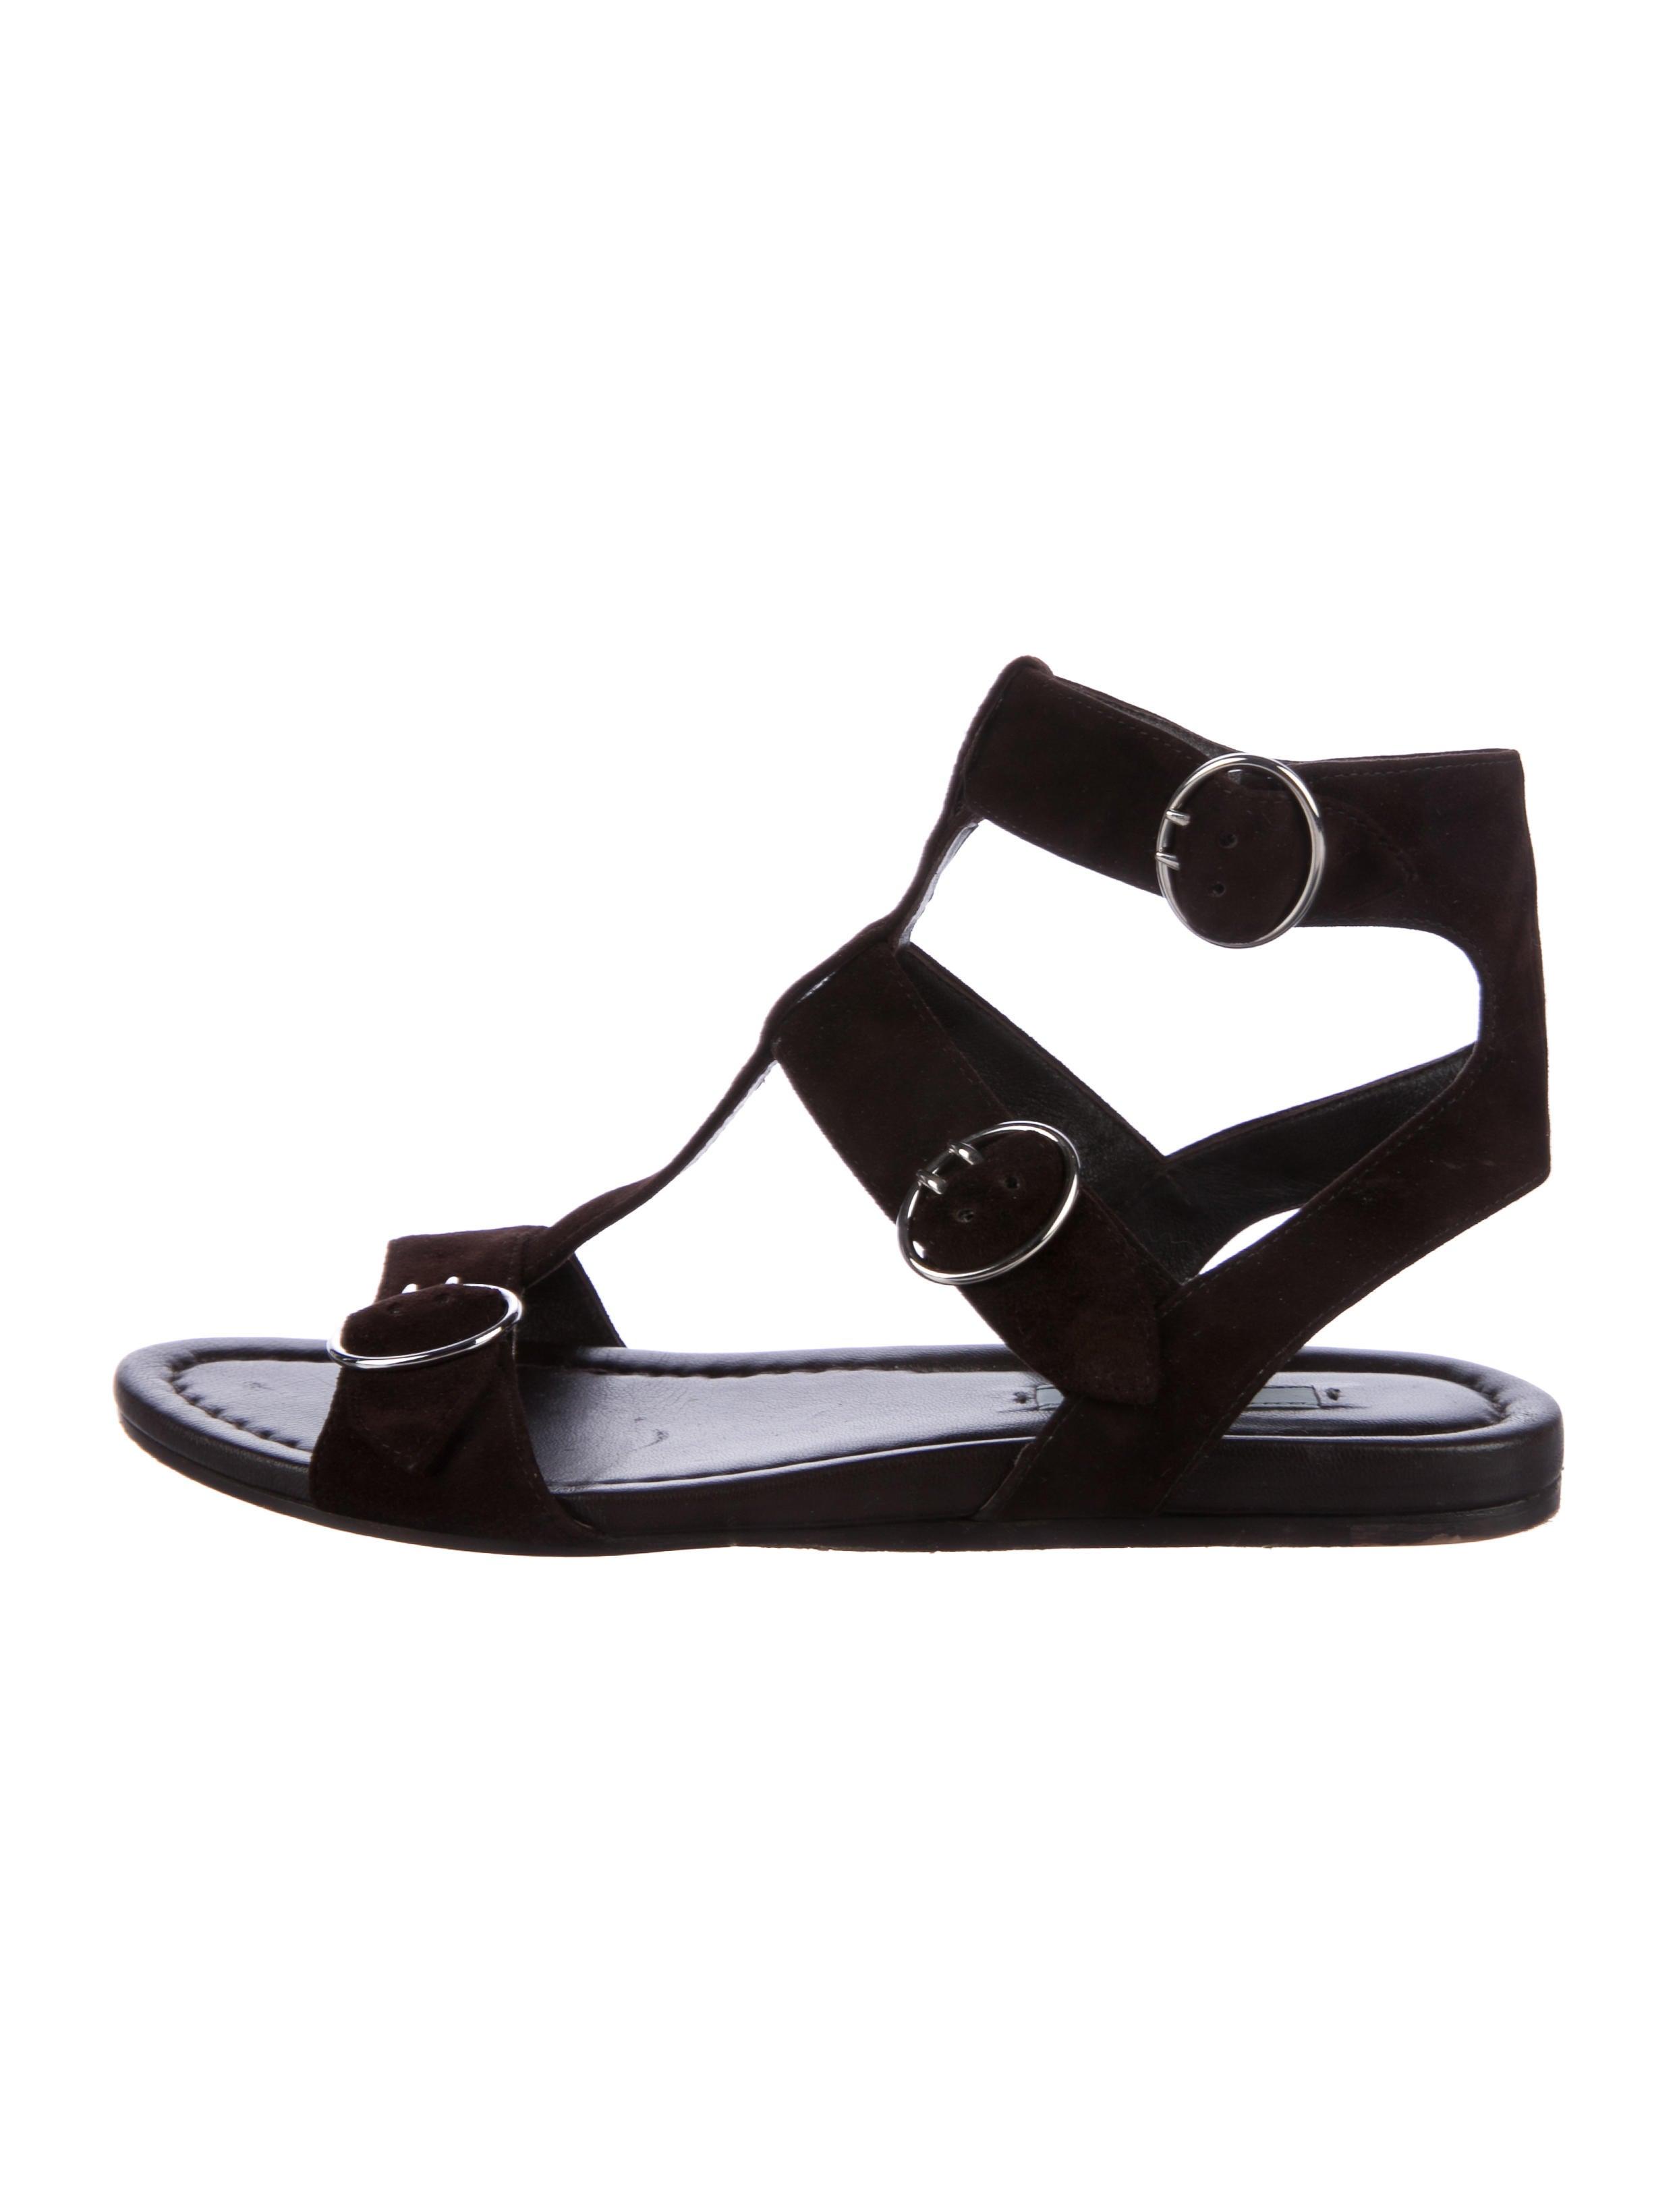 86e932ce7ee Prada Suede Multistrap Sandals - Shoes - PRA173042